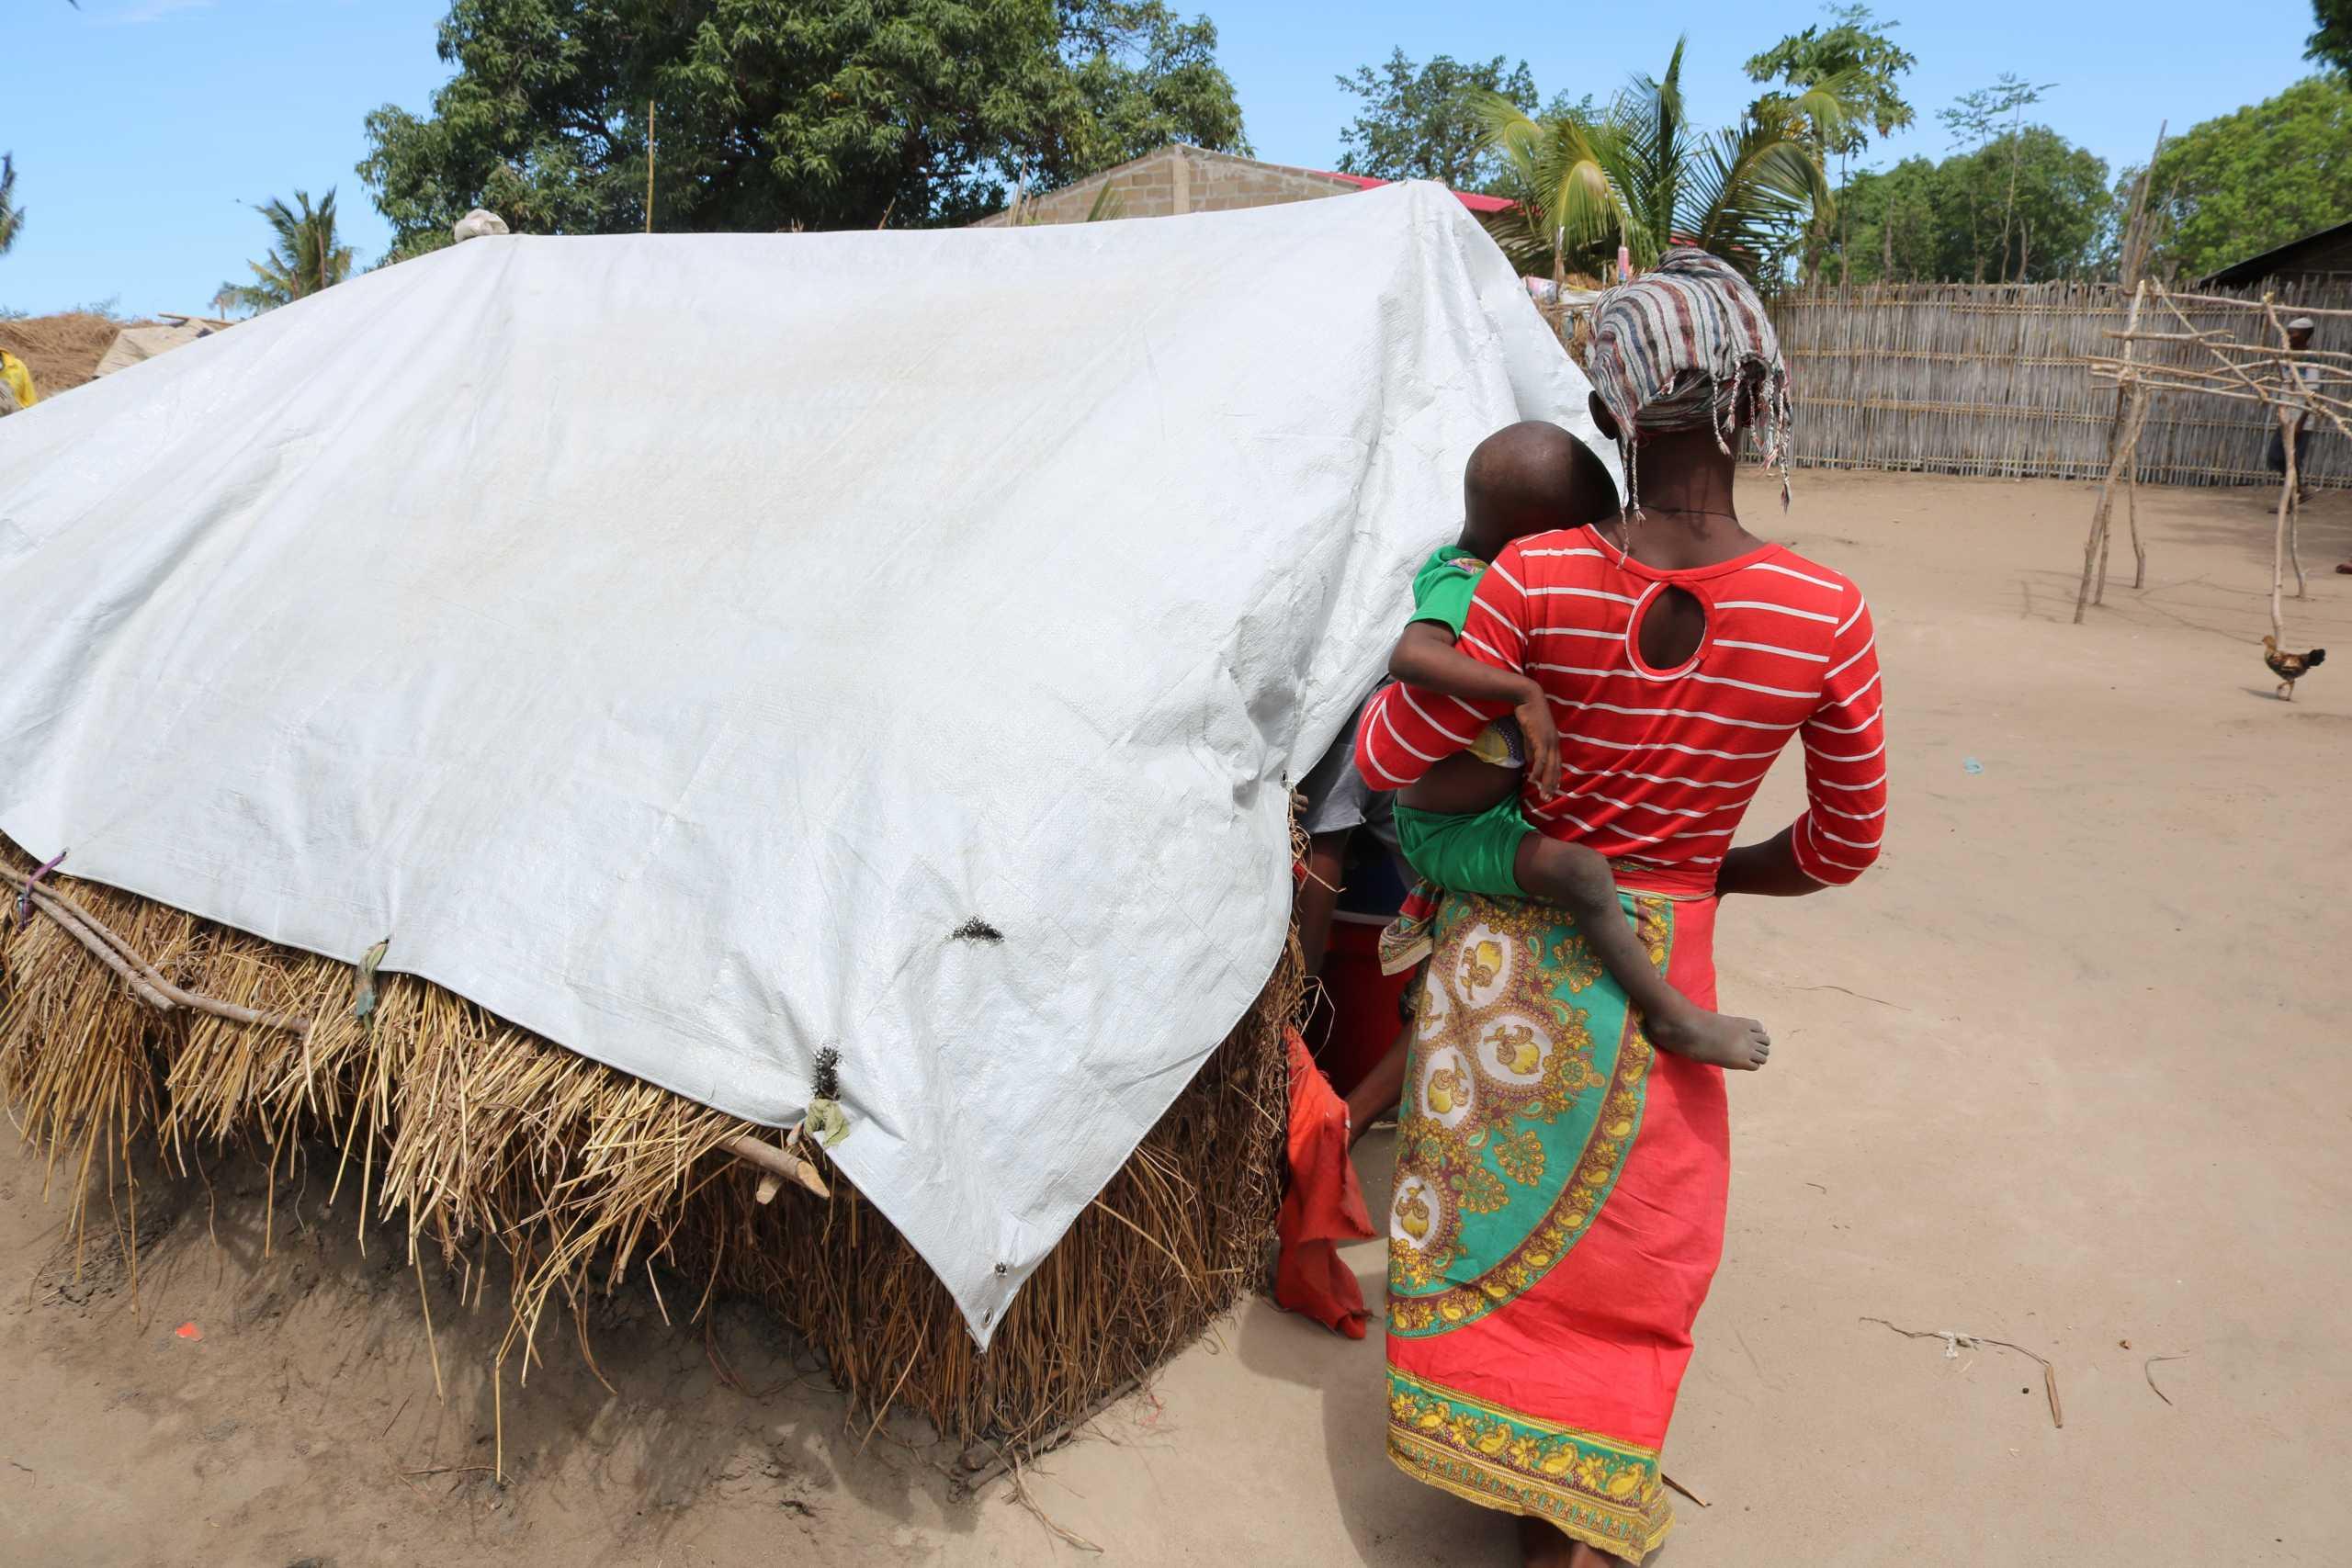 Μοζαμβίκη: Φρίκη μετά την επίθεση των τζιχαντιστών με δεκάδες νεκρούς και χιλιάδες απελπισμένους επιζώντες